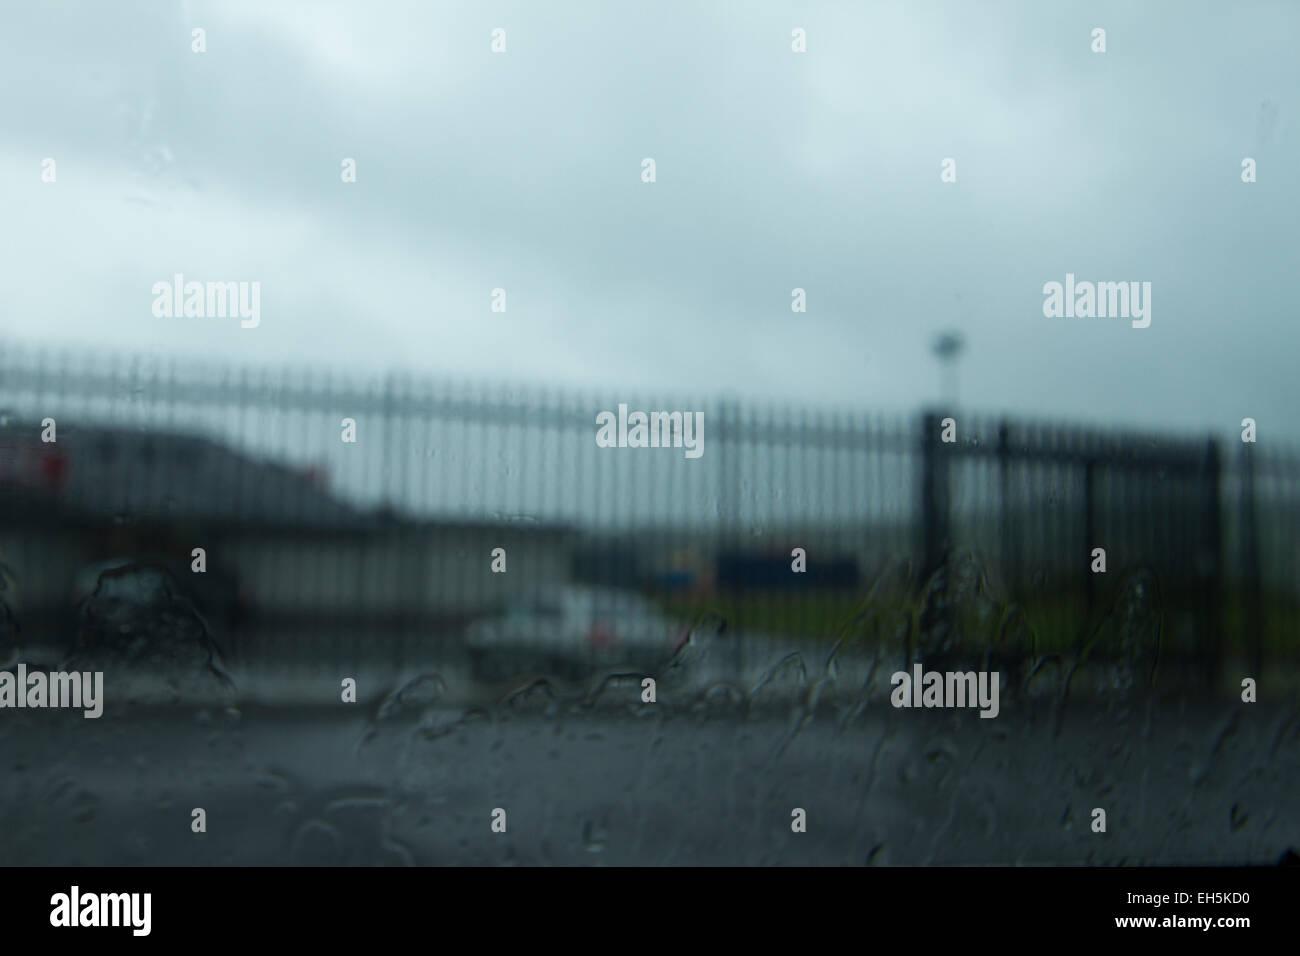 Triste image floue d'un parking et haute clôture d'une balle dans la fenêtre d'une voiture Photo Stock